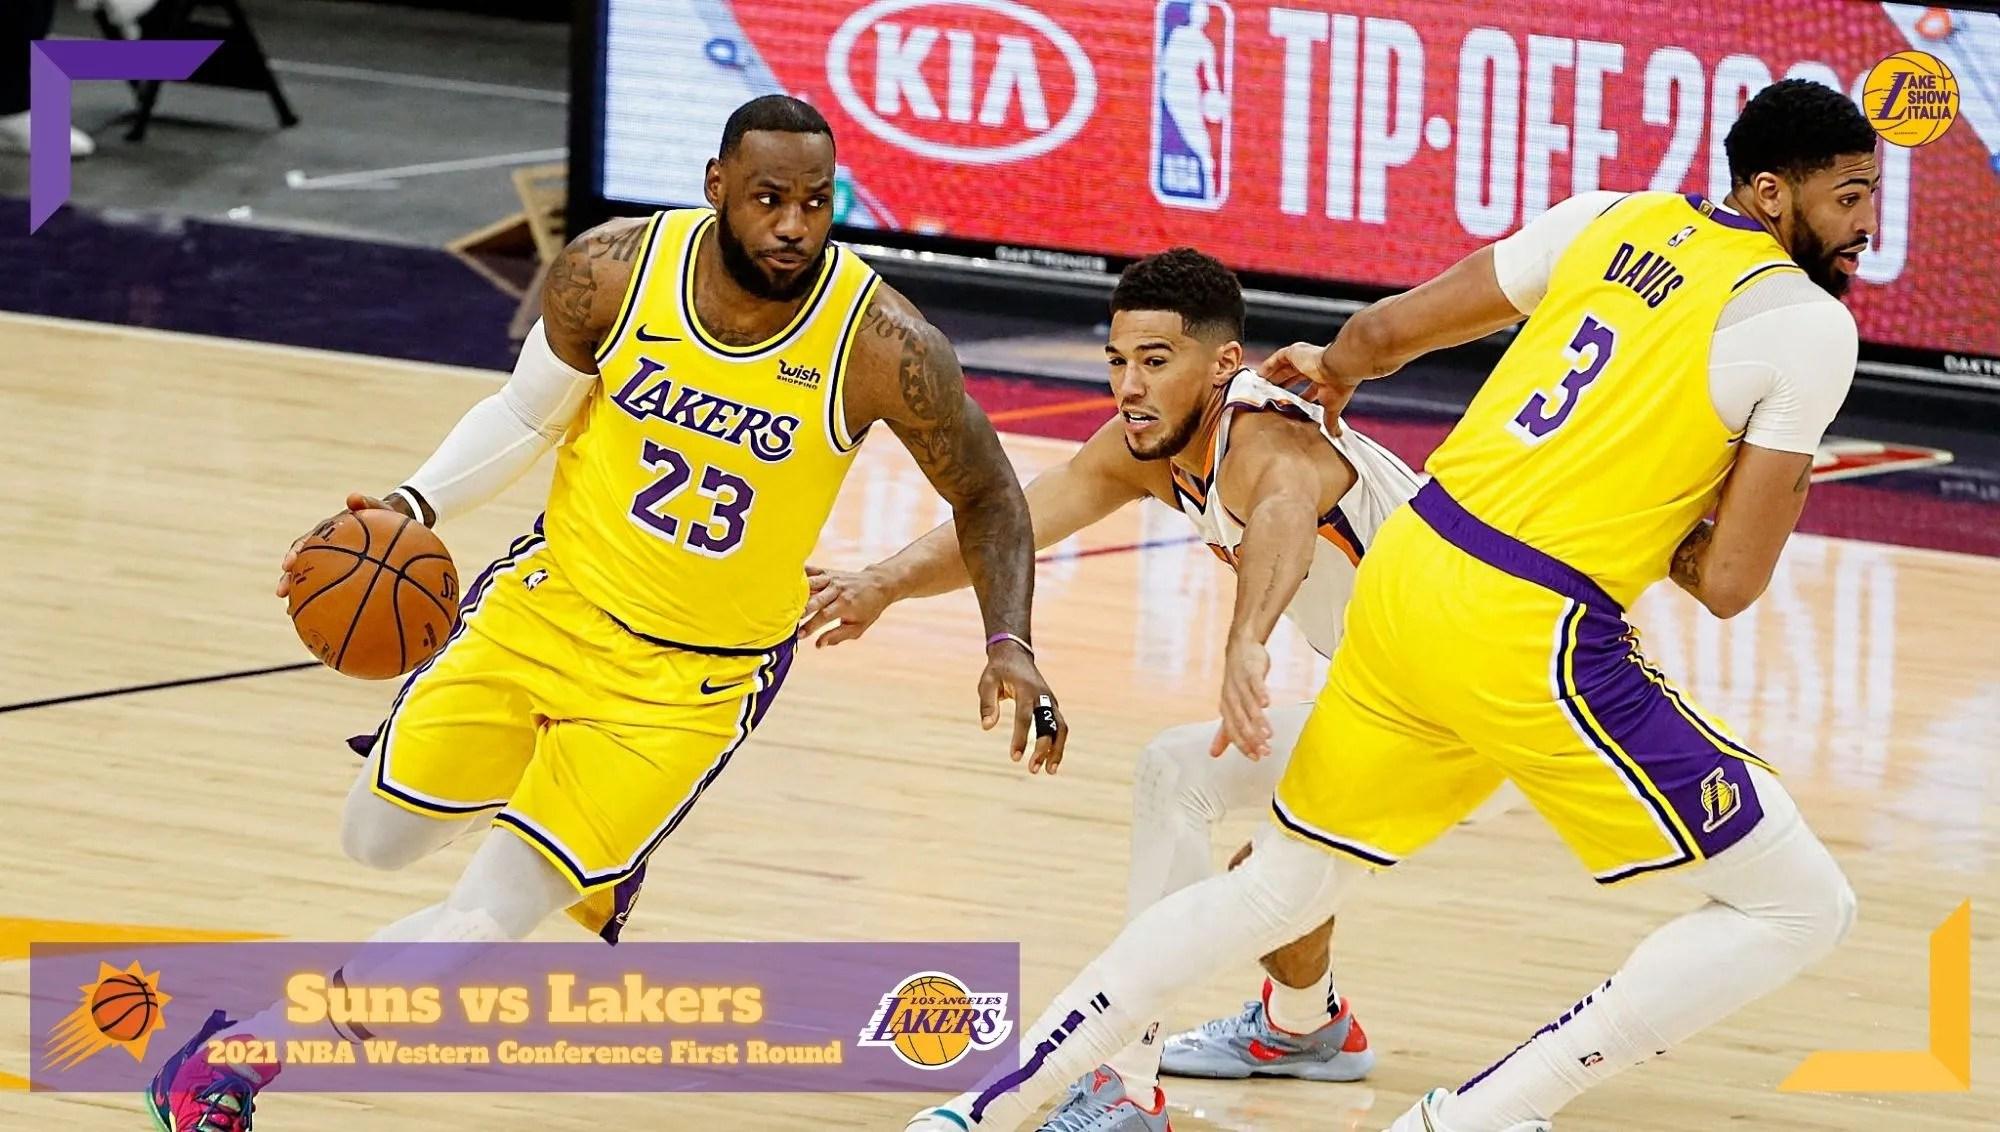 Suns vs Lakers non è solo James vs Paul, ma un match a scacchi tra due squadre molto diverse e due franchigie che hanno costruito una rivalità storica.